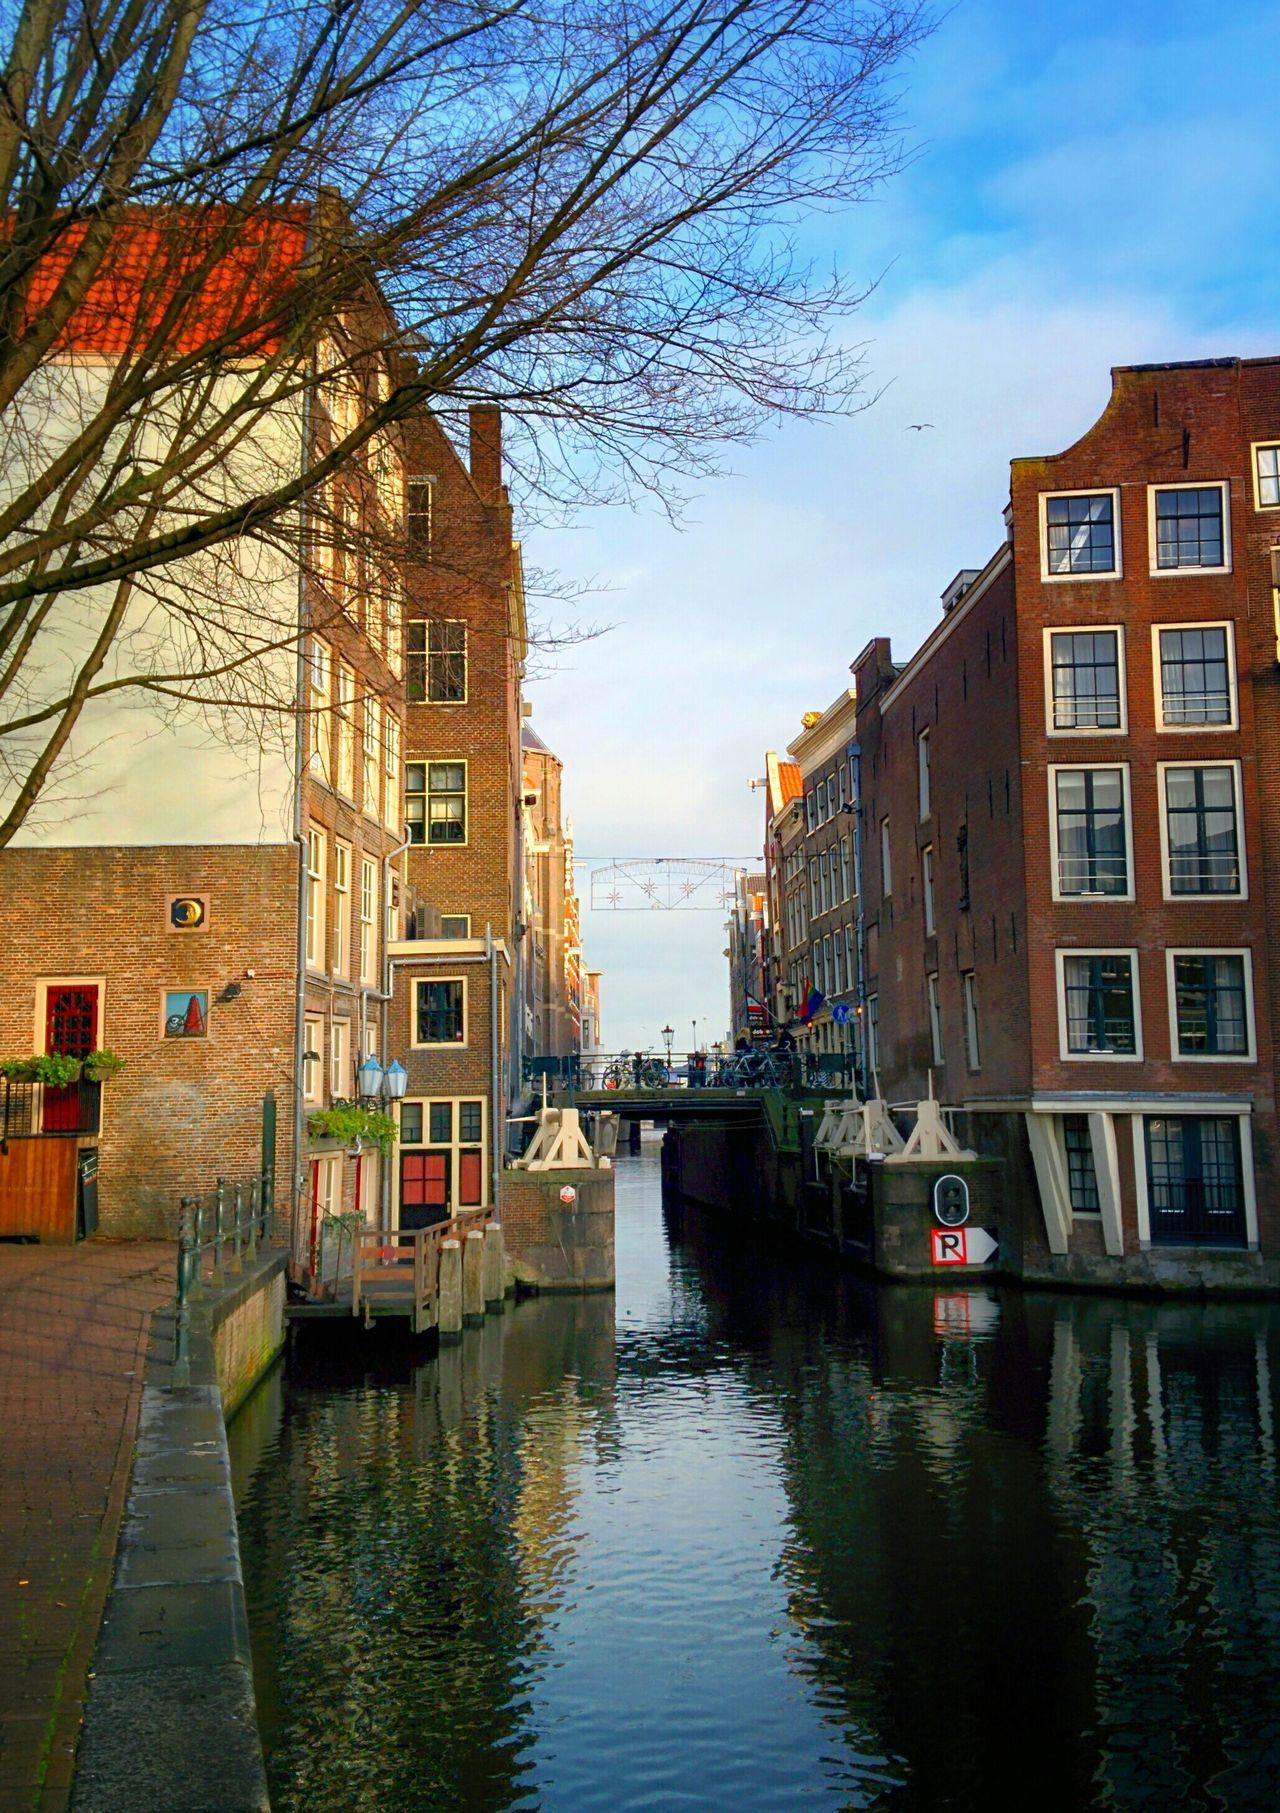 Amsterdam Canals Industrial Architecture Locks Urban Escape Winter Sky Cityscape